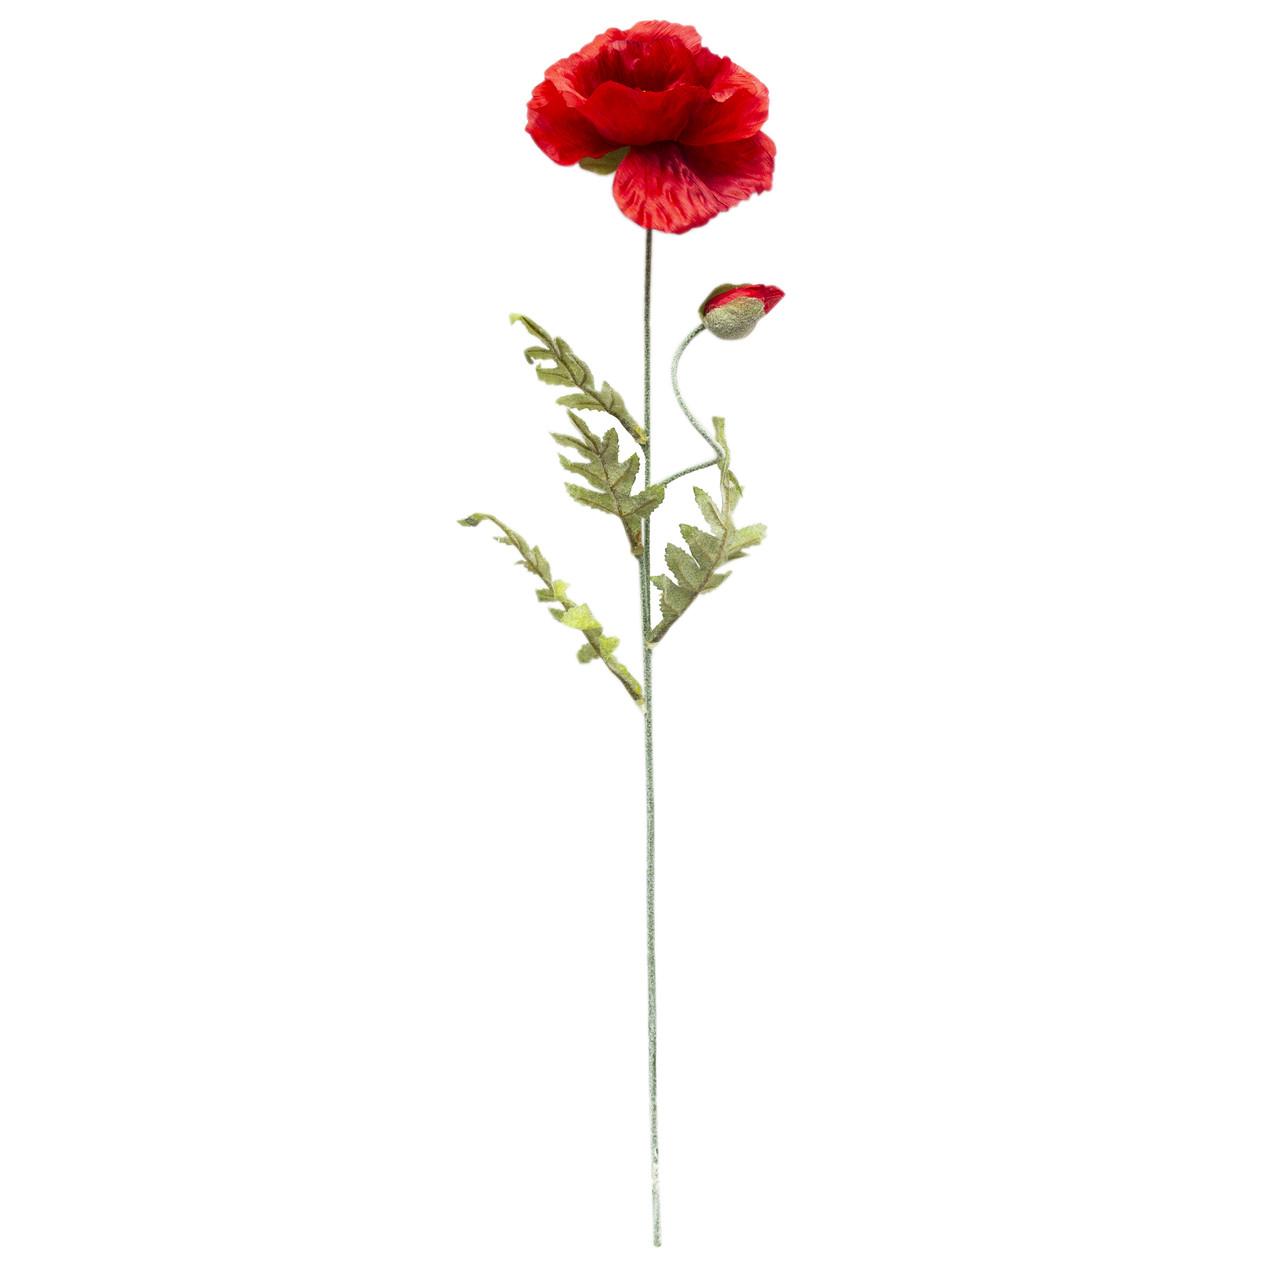 Штучний квітка Мак - гілка, тканина, пластик, 78 см, червоний (630195)